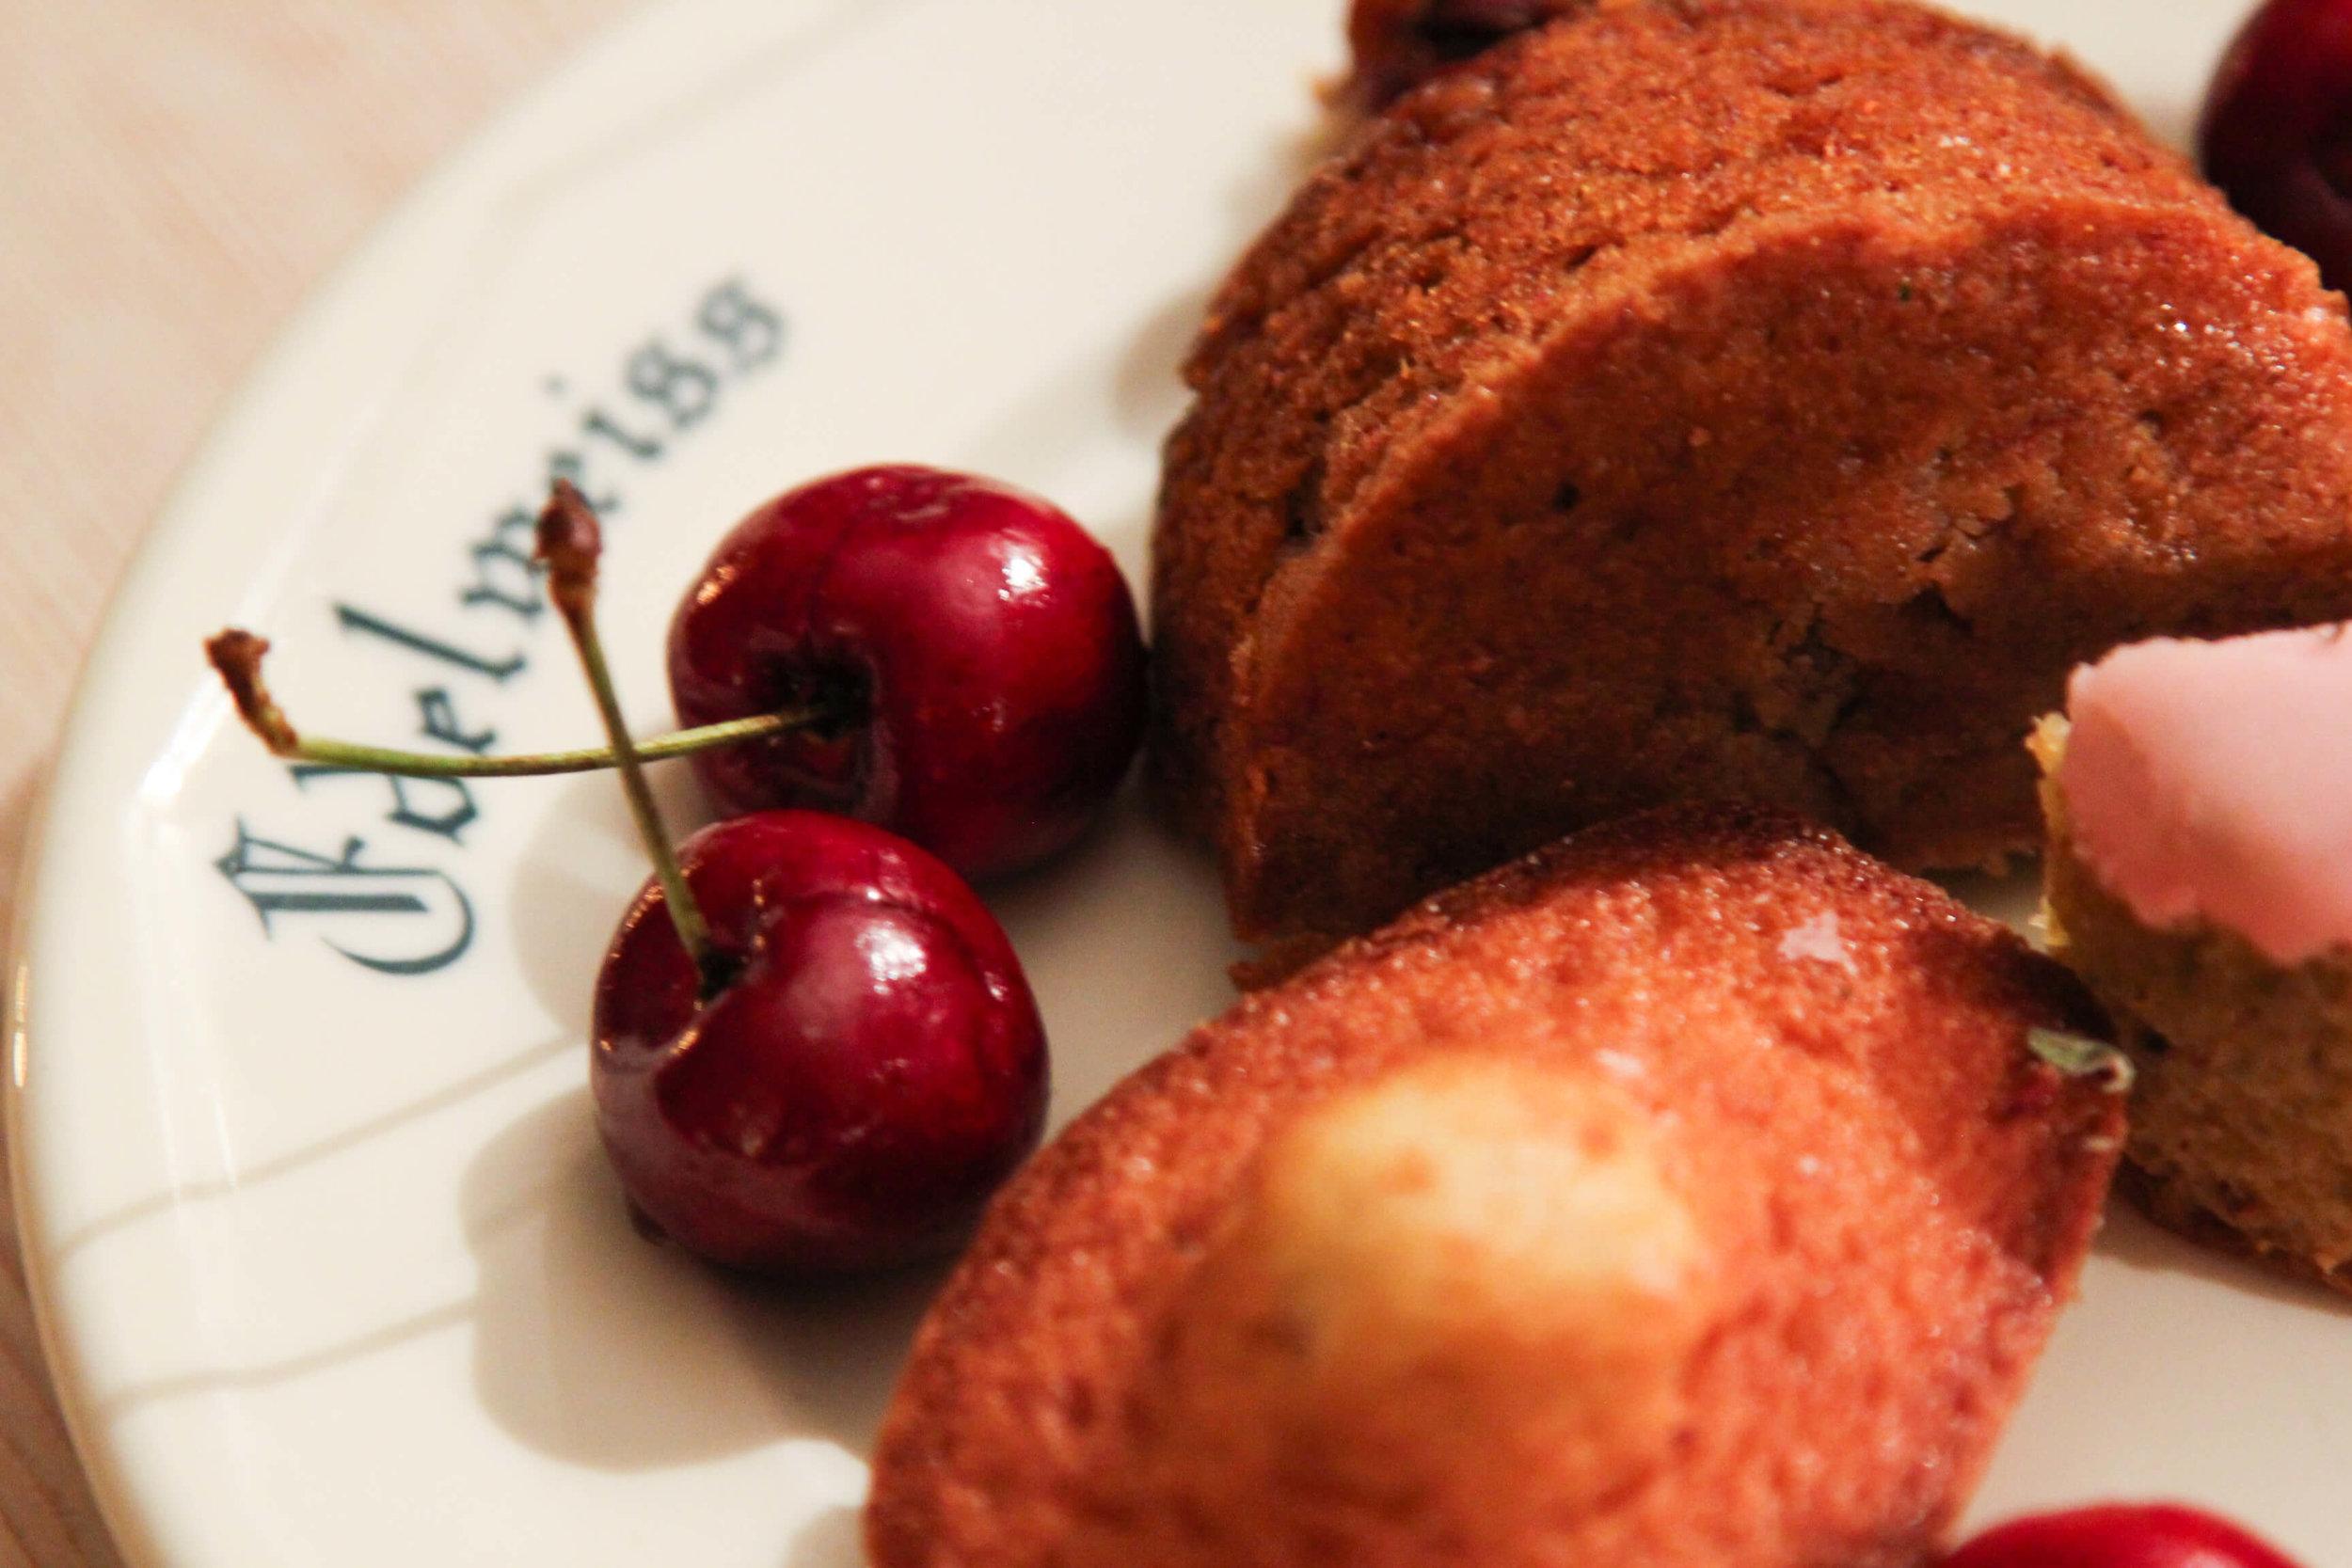 cakes and cherries.jpg